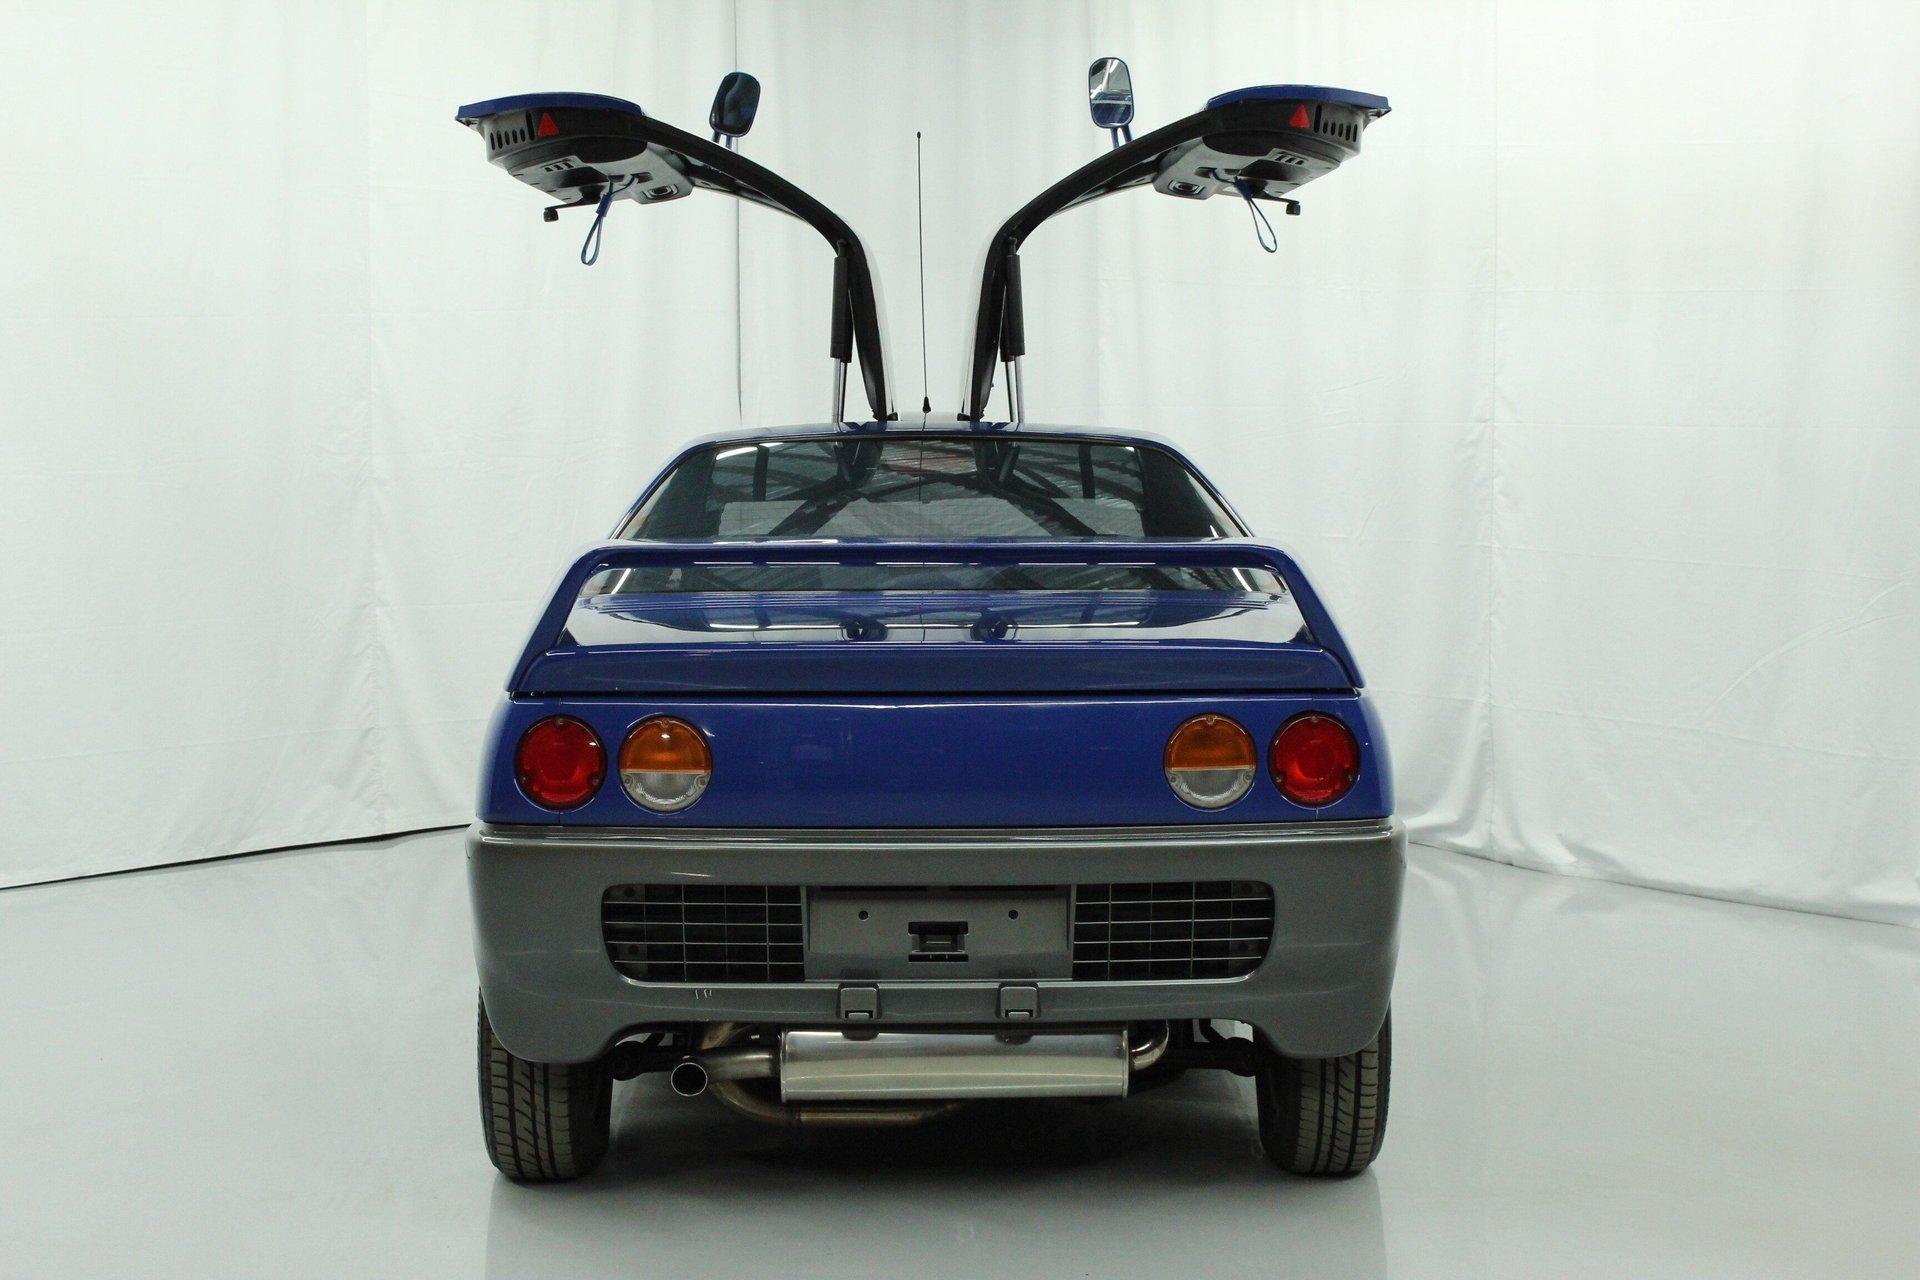 1993 Suzuki Cara